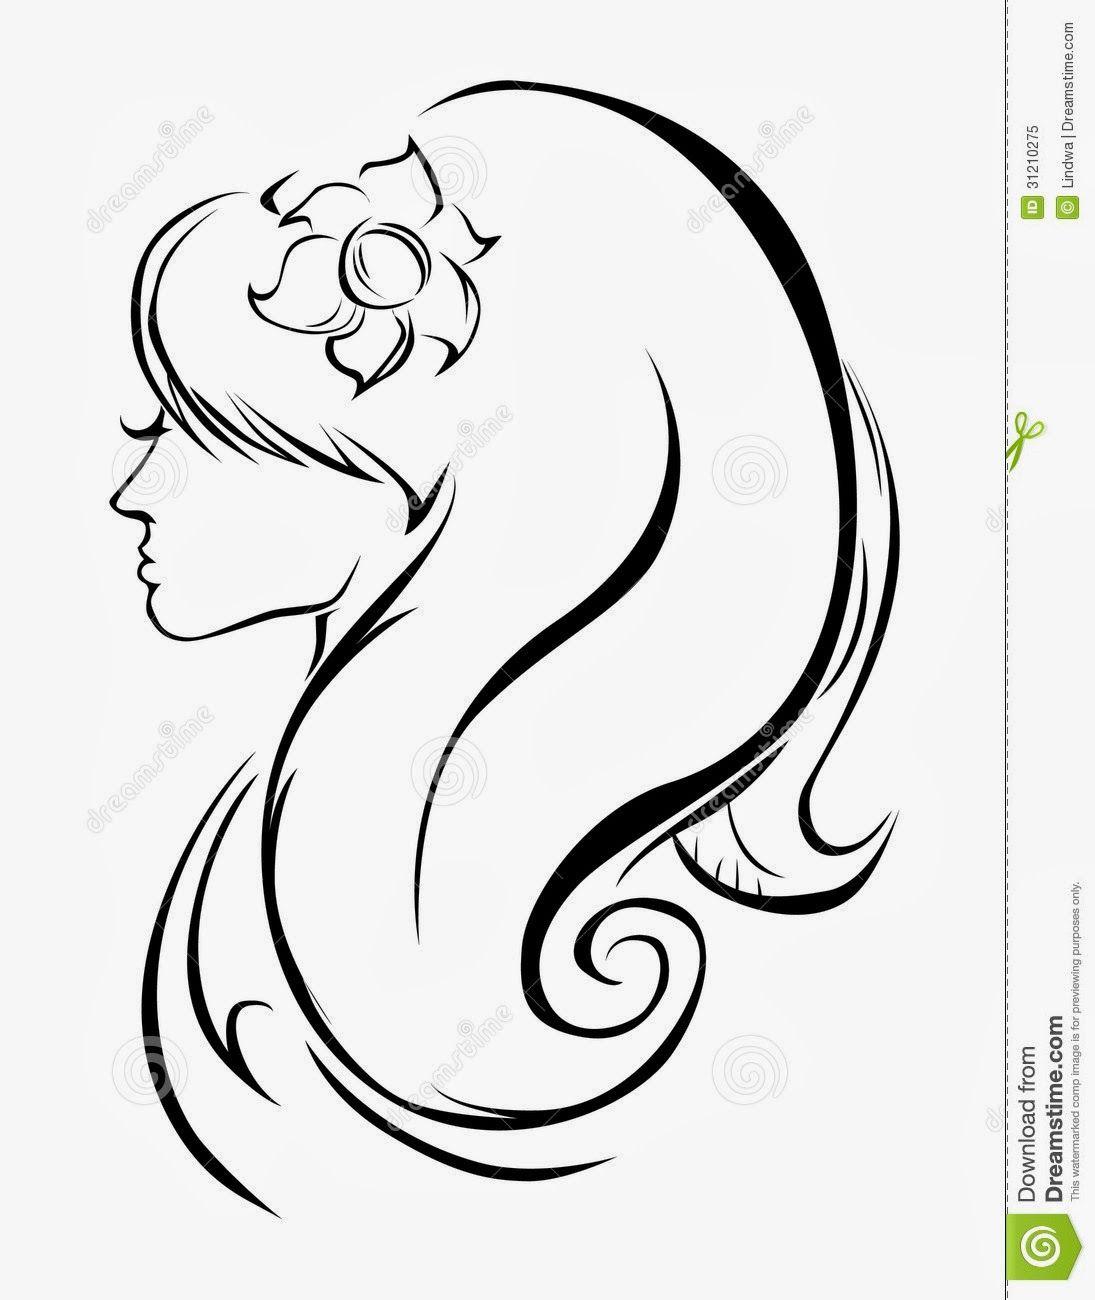 Ideas Y Material Gratis Para Fiestas Y Celebraciones Oh My Fiesta Siluetas De Caras De Chicas Siluetas Dibujos De Arte Simples Caras